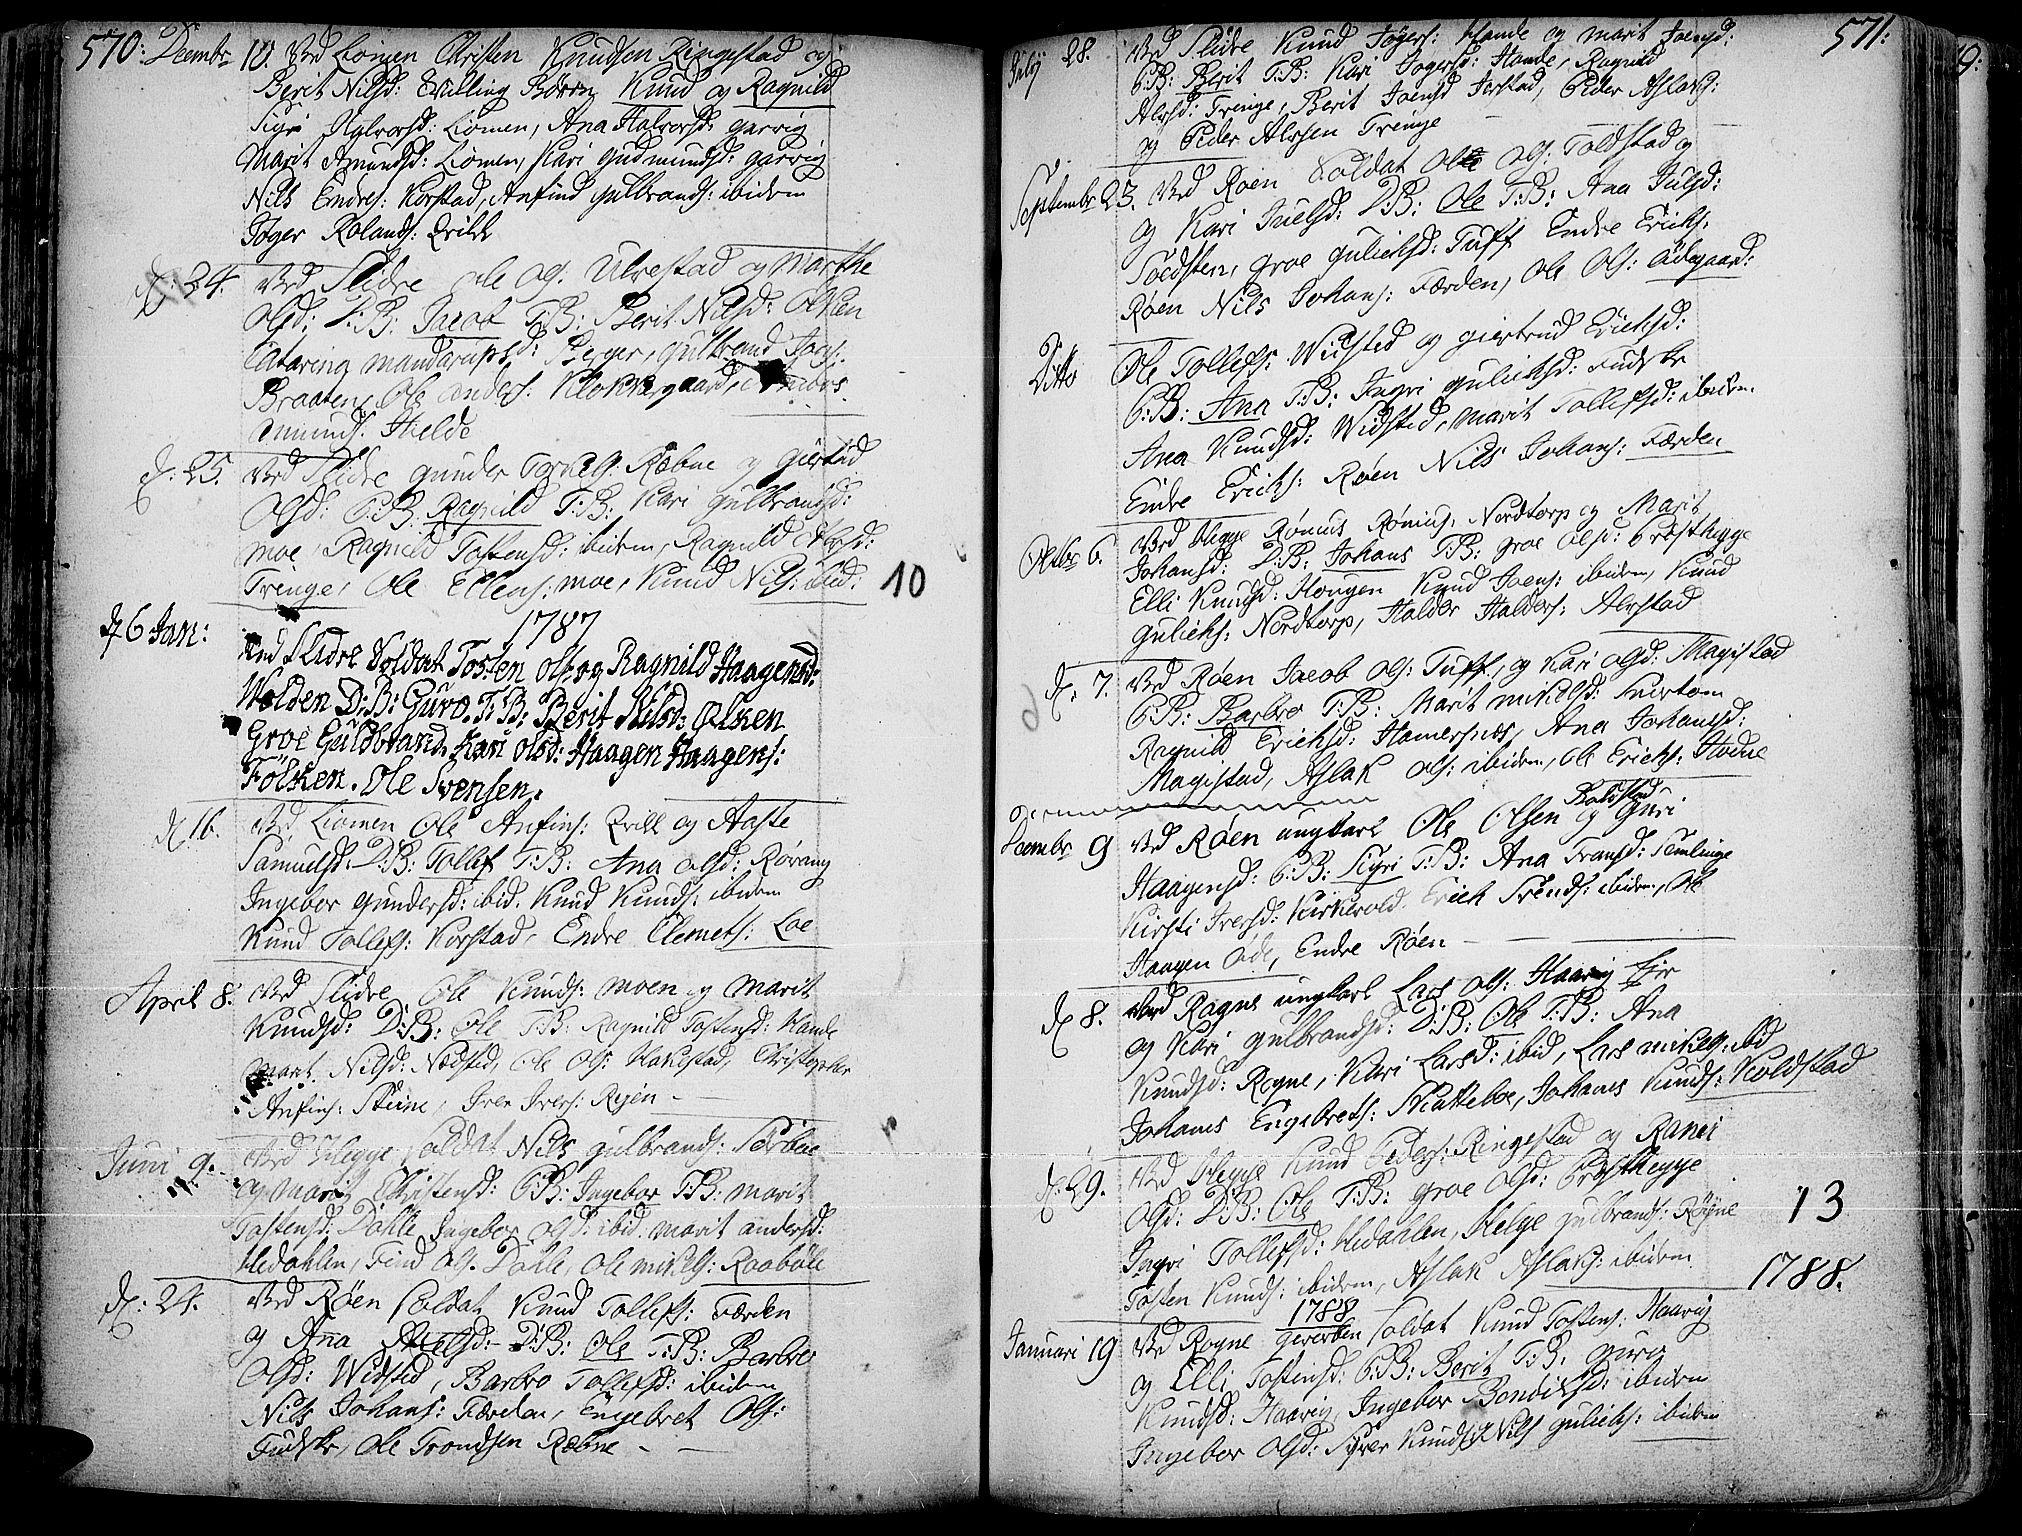 SAH, Slidre prestekontor, Ministerialbok nr. 1, 1724-1814, s. 570-571